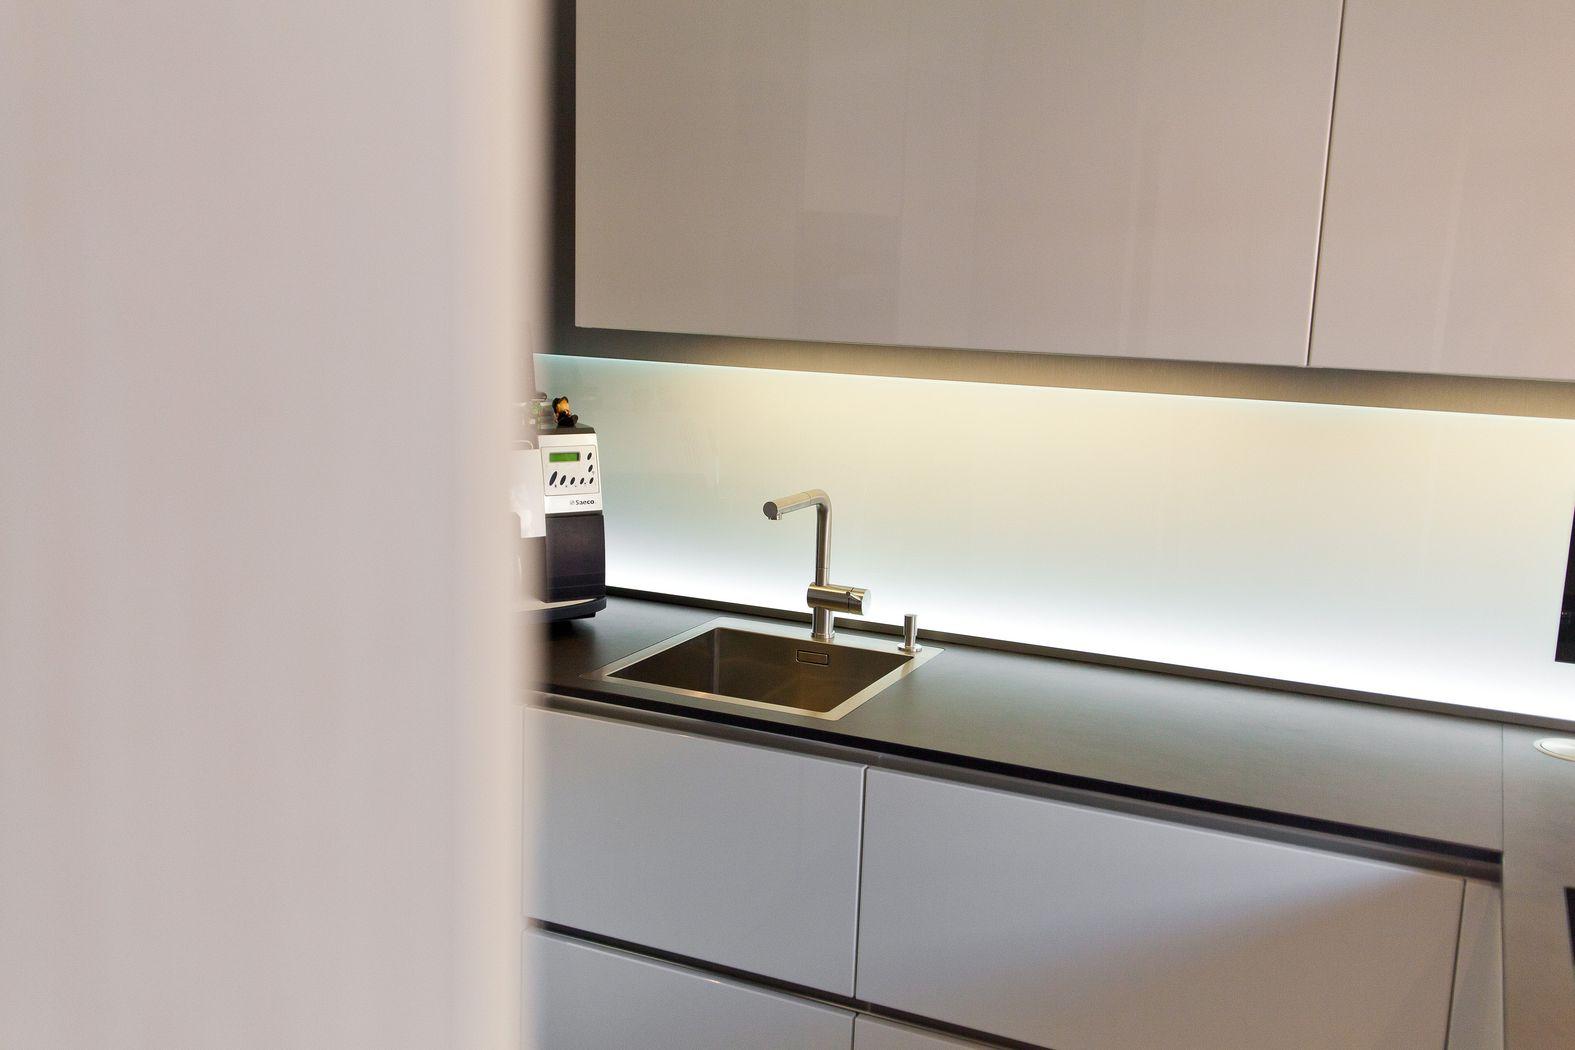 einbausp len aus naturstein keramik edelstahl oder kunststoff k chenhaus thiemann. Black Bedroom Furniture Sets. Home Design Ideas